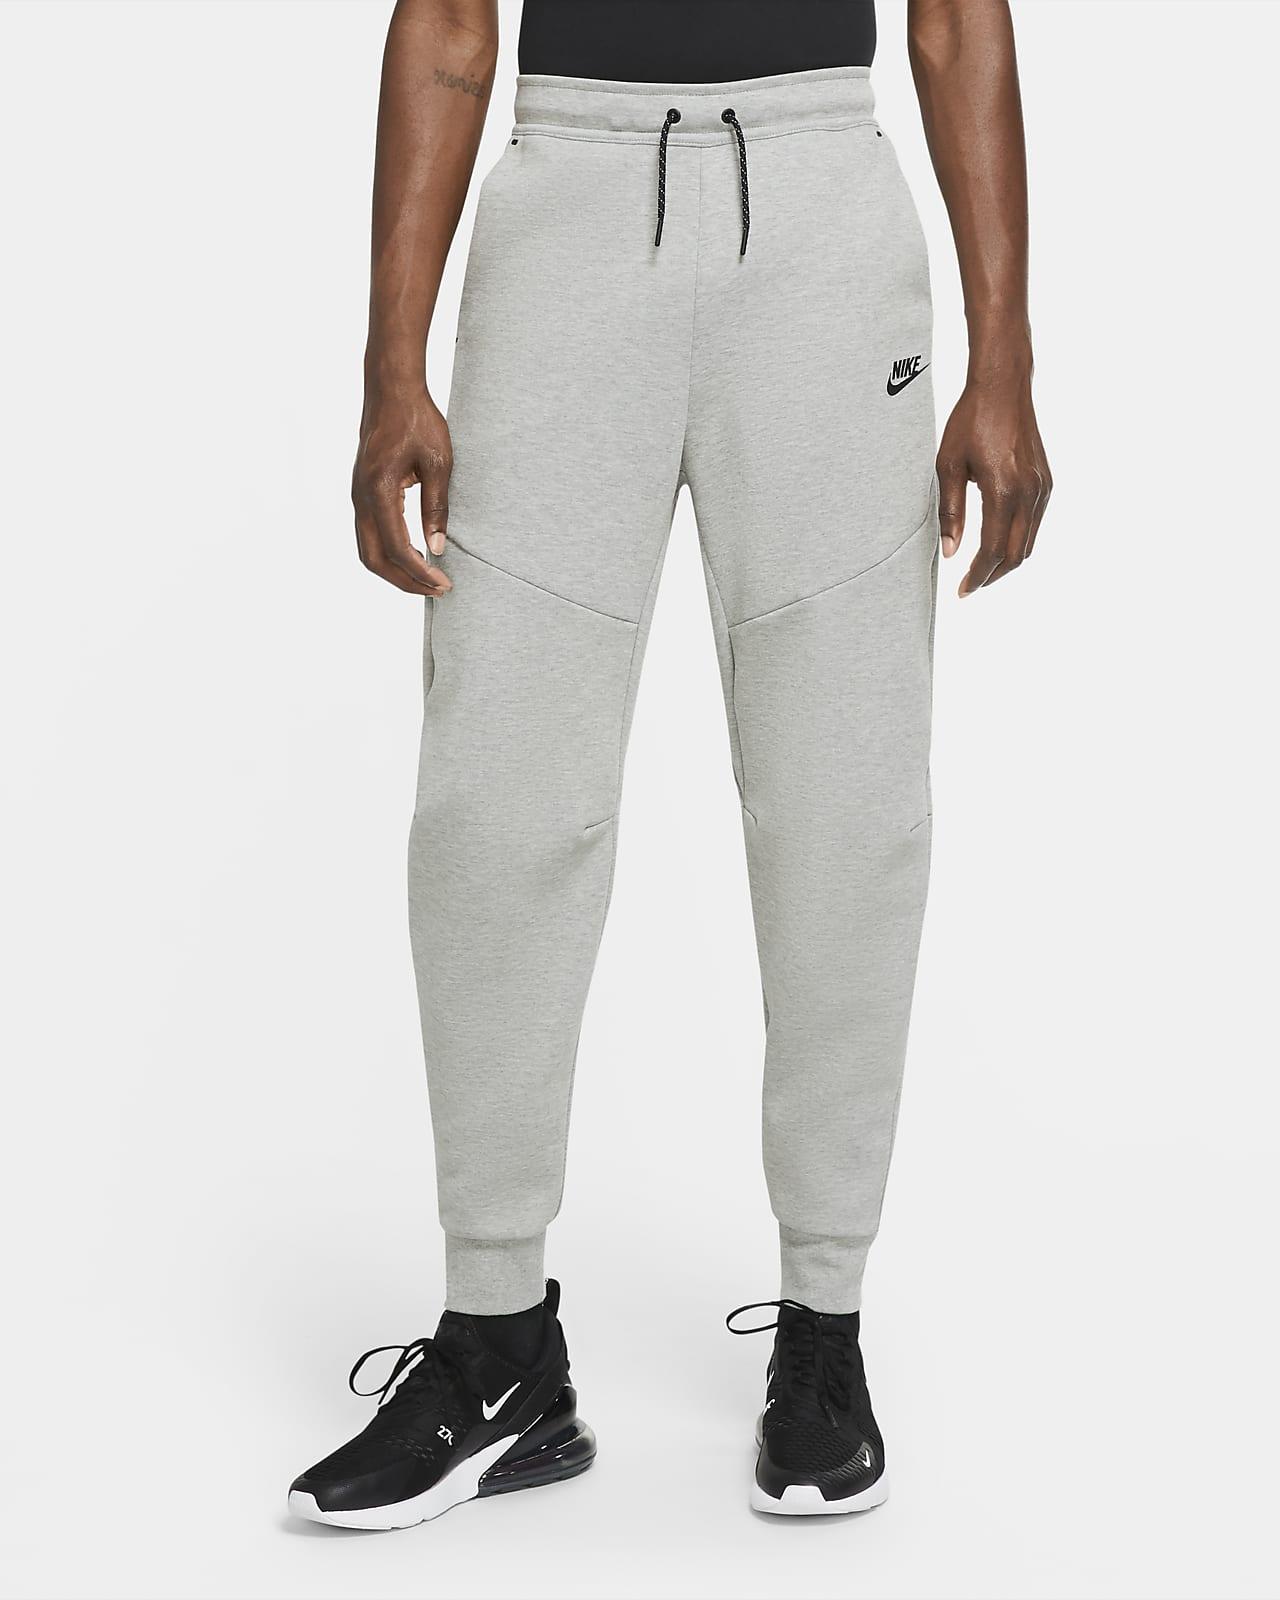 Pantalon de jogging Nike Sportswear Tech Fleece pour Homme